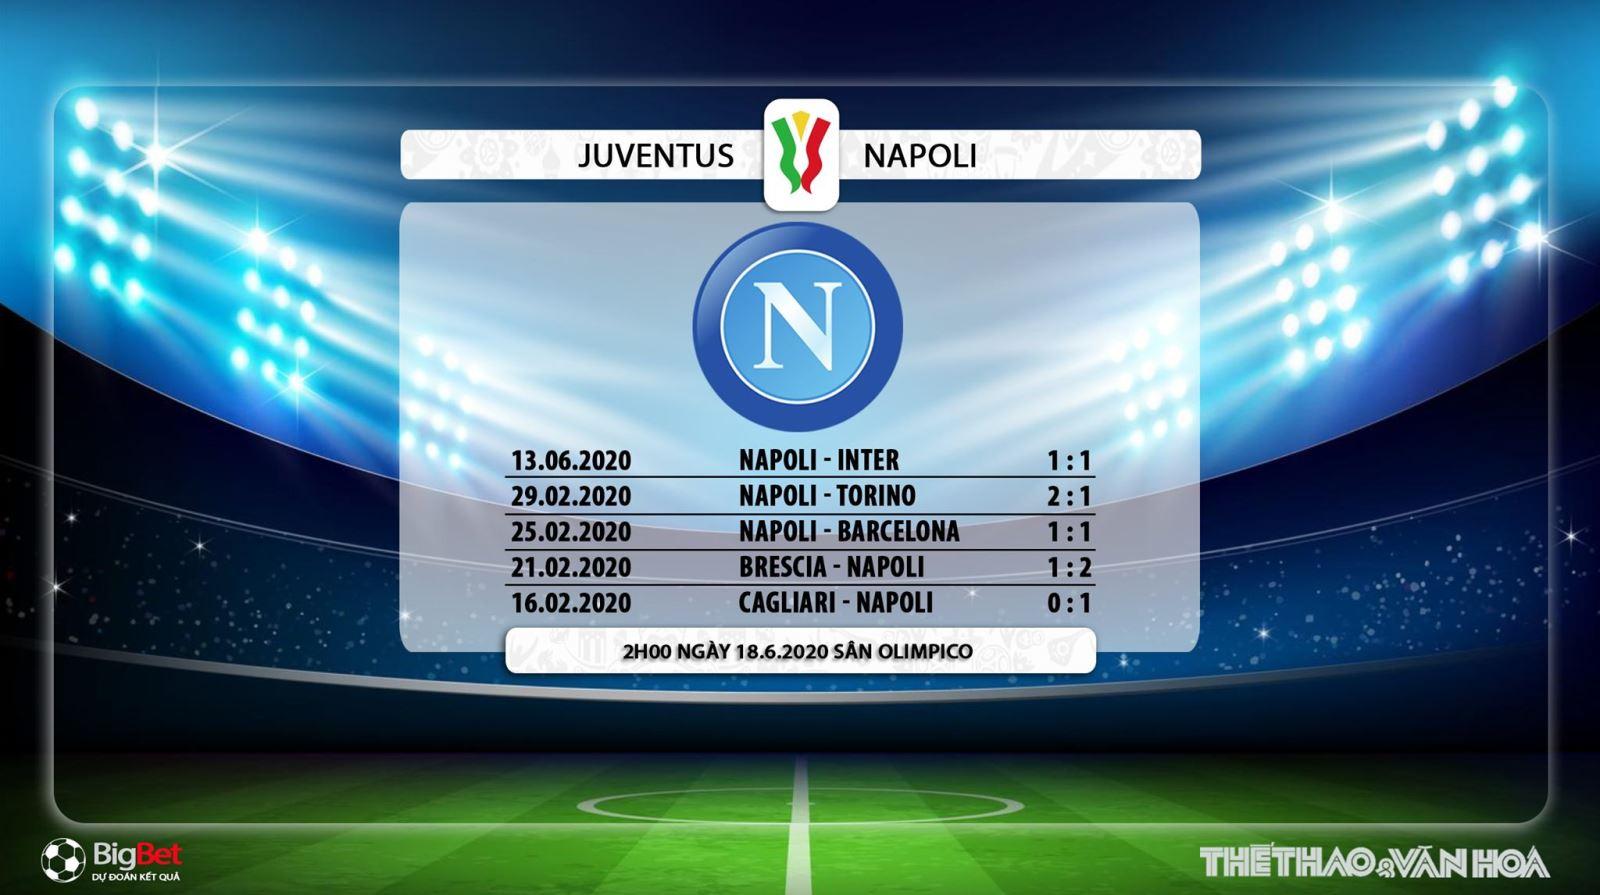 bóng đá, bong da, bóng đá hôm nay, soi kèo, dự đoán, nhận định, Juventus vs Napoli, kèo bóng đá, juventus, napoli